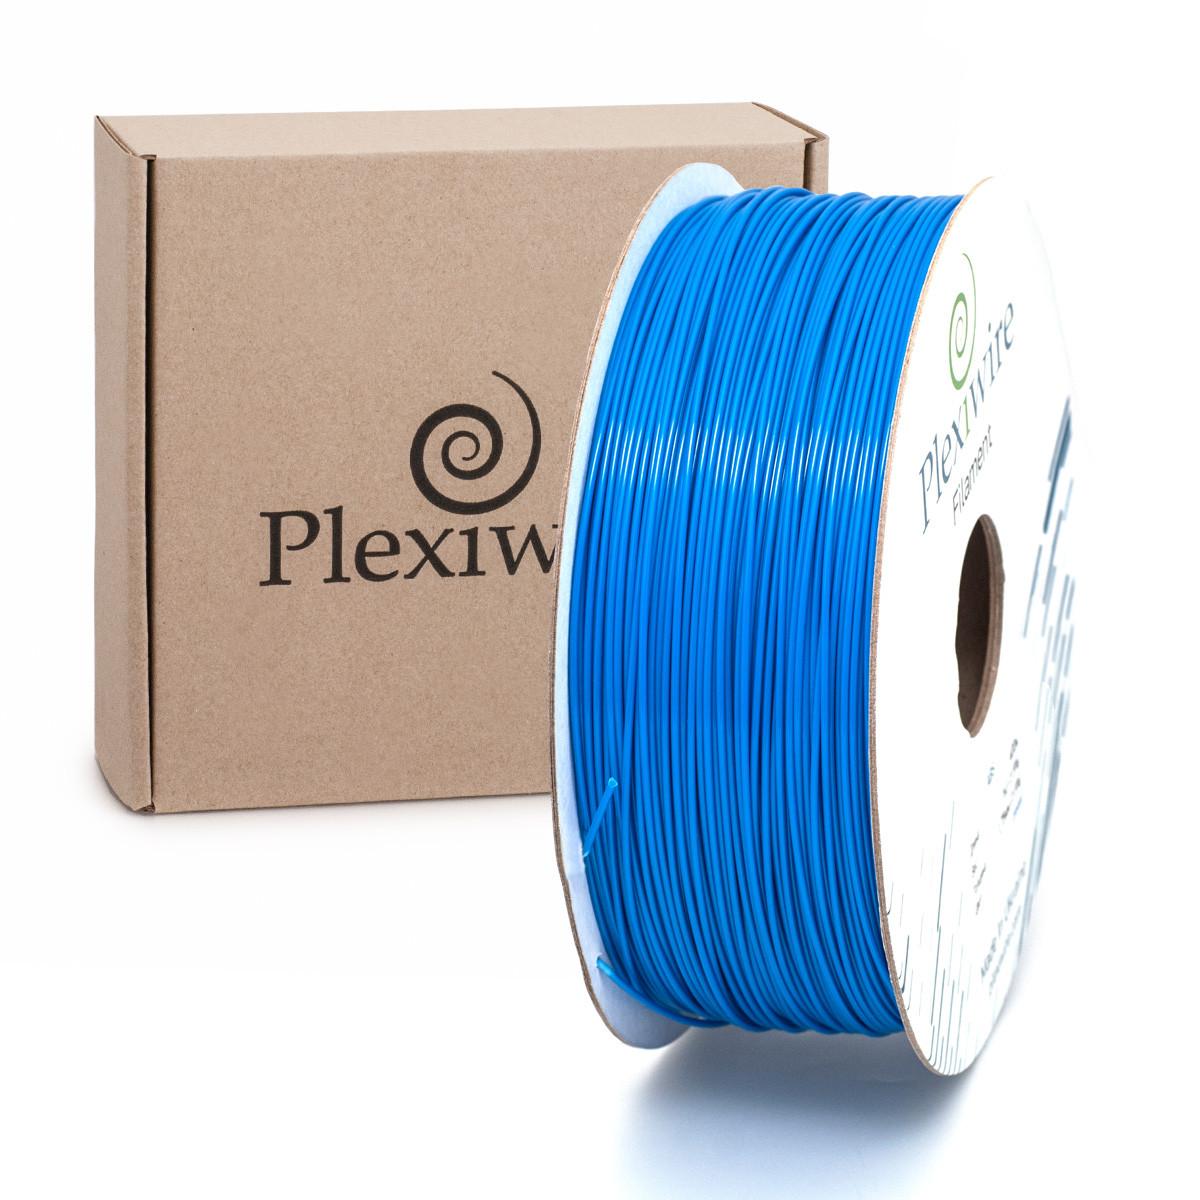 Пластик в котушці PETG 1,2 кг/400 м, Plexiwire, Синій